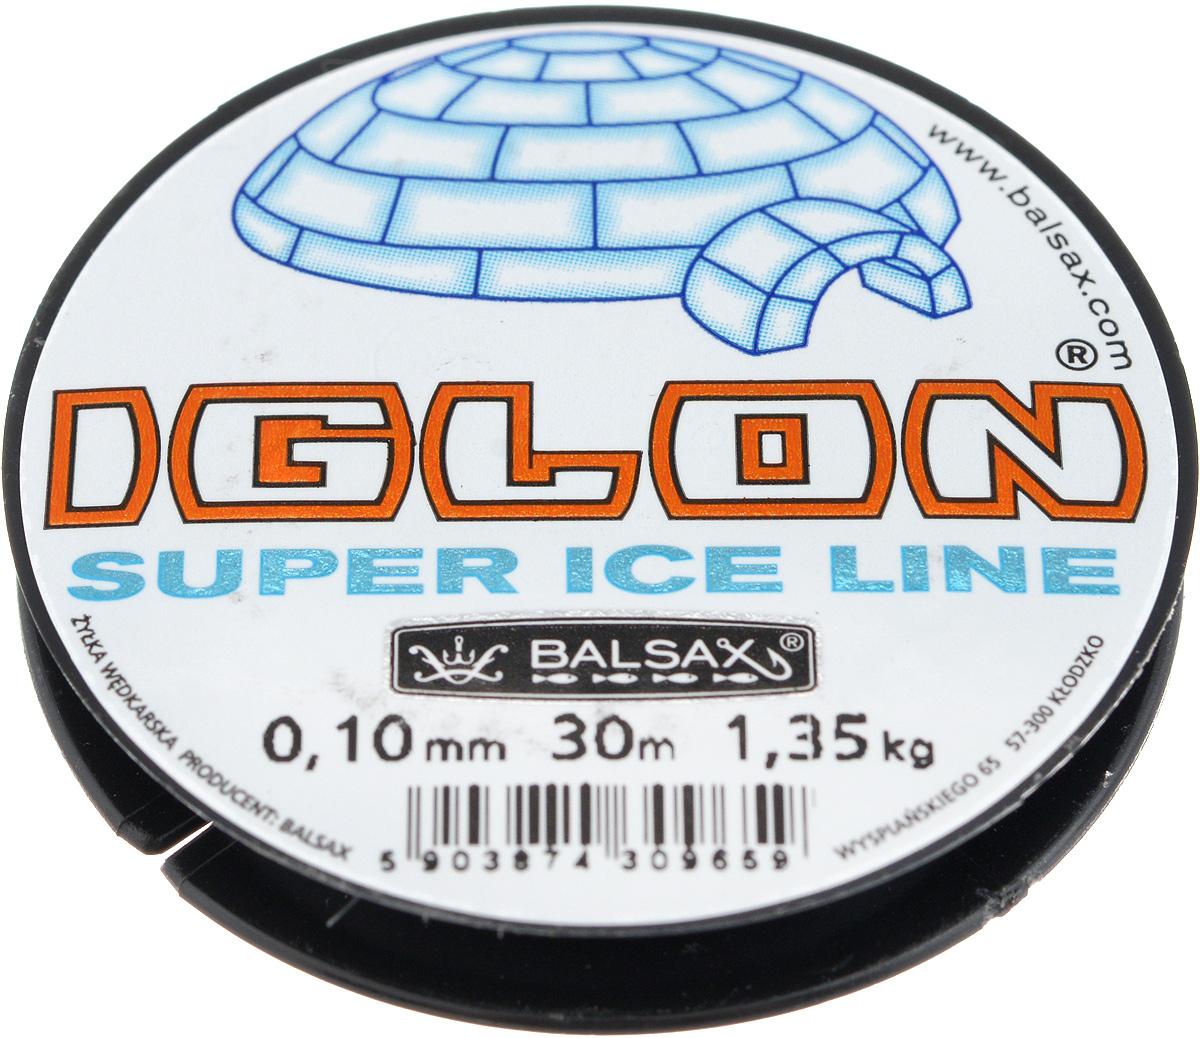 Леска зимняя Balsax Iglon, 30 м, 0,10 мм, 1,35 кг312-06010Леска Balsax Iglon изготовлена из 100% нейлона и очень хорошо выдерживает низкие температуры. Даже в самом холодном климате, при температуре вплоть до -40°C, она сохраняет свои свойства практически без изменений, в то время как традиционные лески становятся менее эластичными и теряют прочность. Поверхность лески обработана таким образом, что она не обмерзает и отлично подходит для подледного лова. Прочна в местах вязки узлов даже при минимальном диаметре.